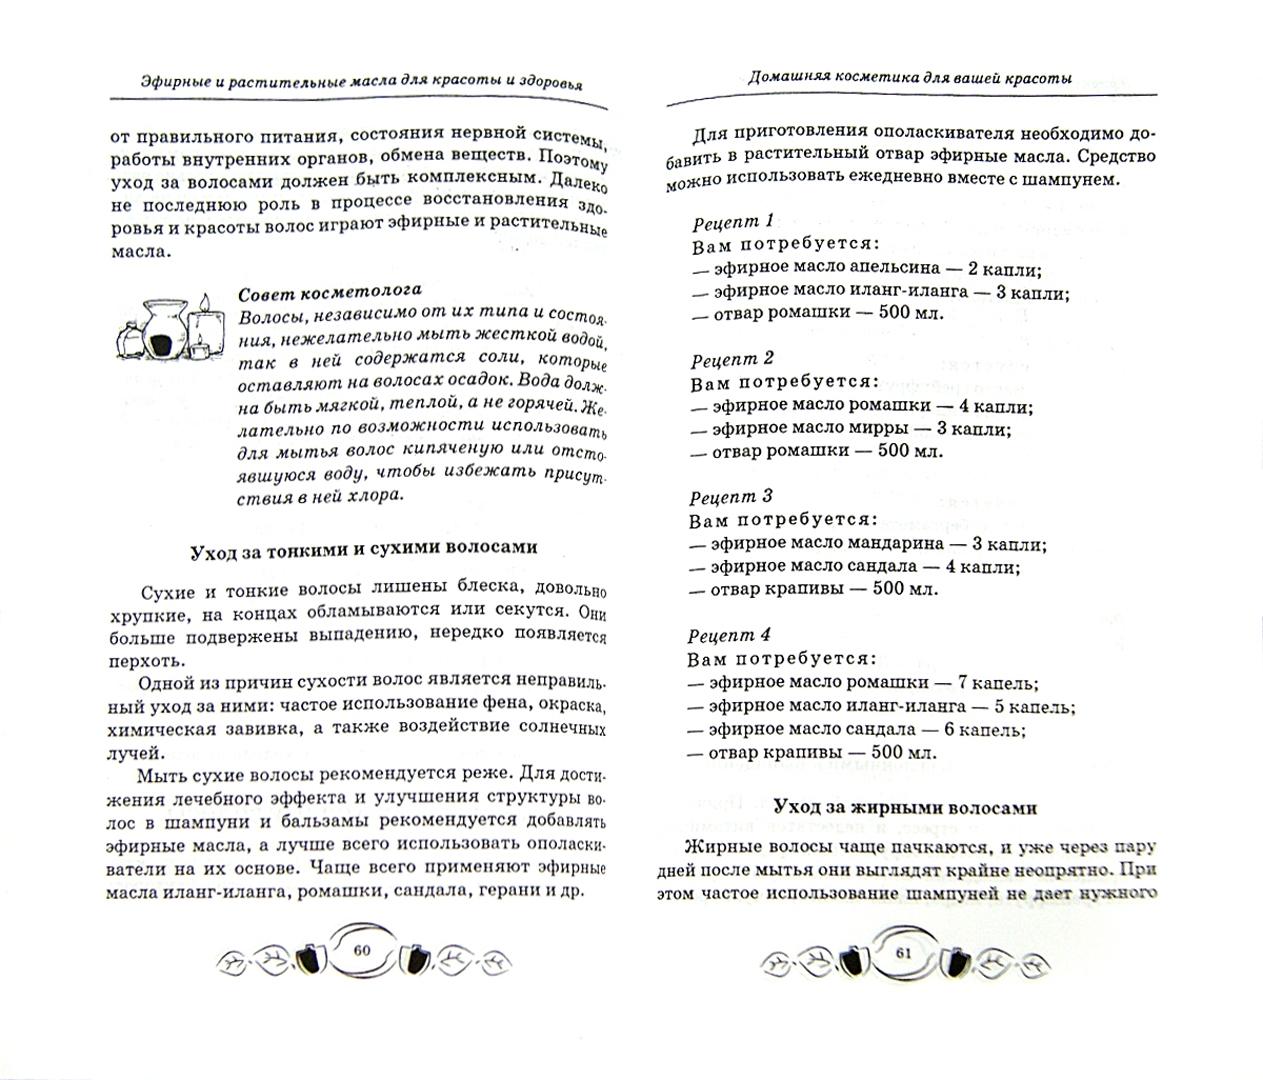 Иллюстрация 1 из 16 для Эфирные и растительные масла для красоты и здоровья - М. Василенко   Лабиринт - книги. Источник: Лабиринт